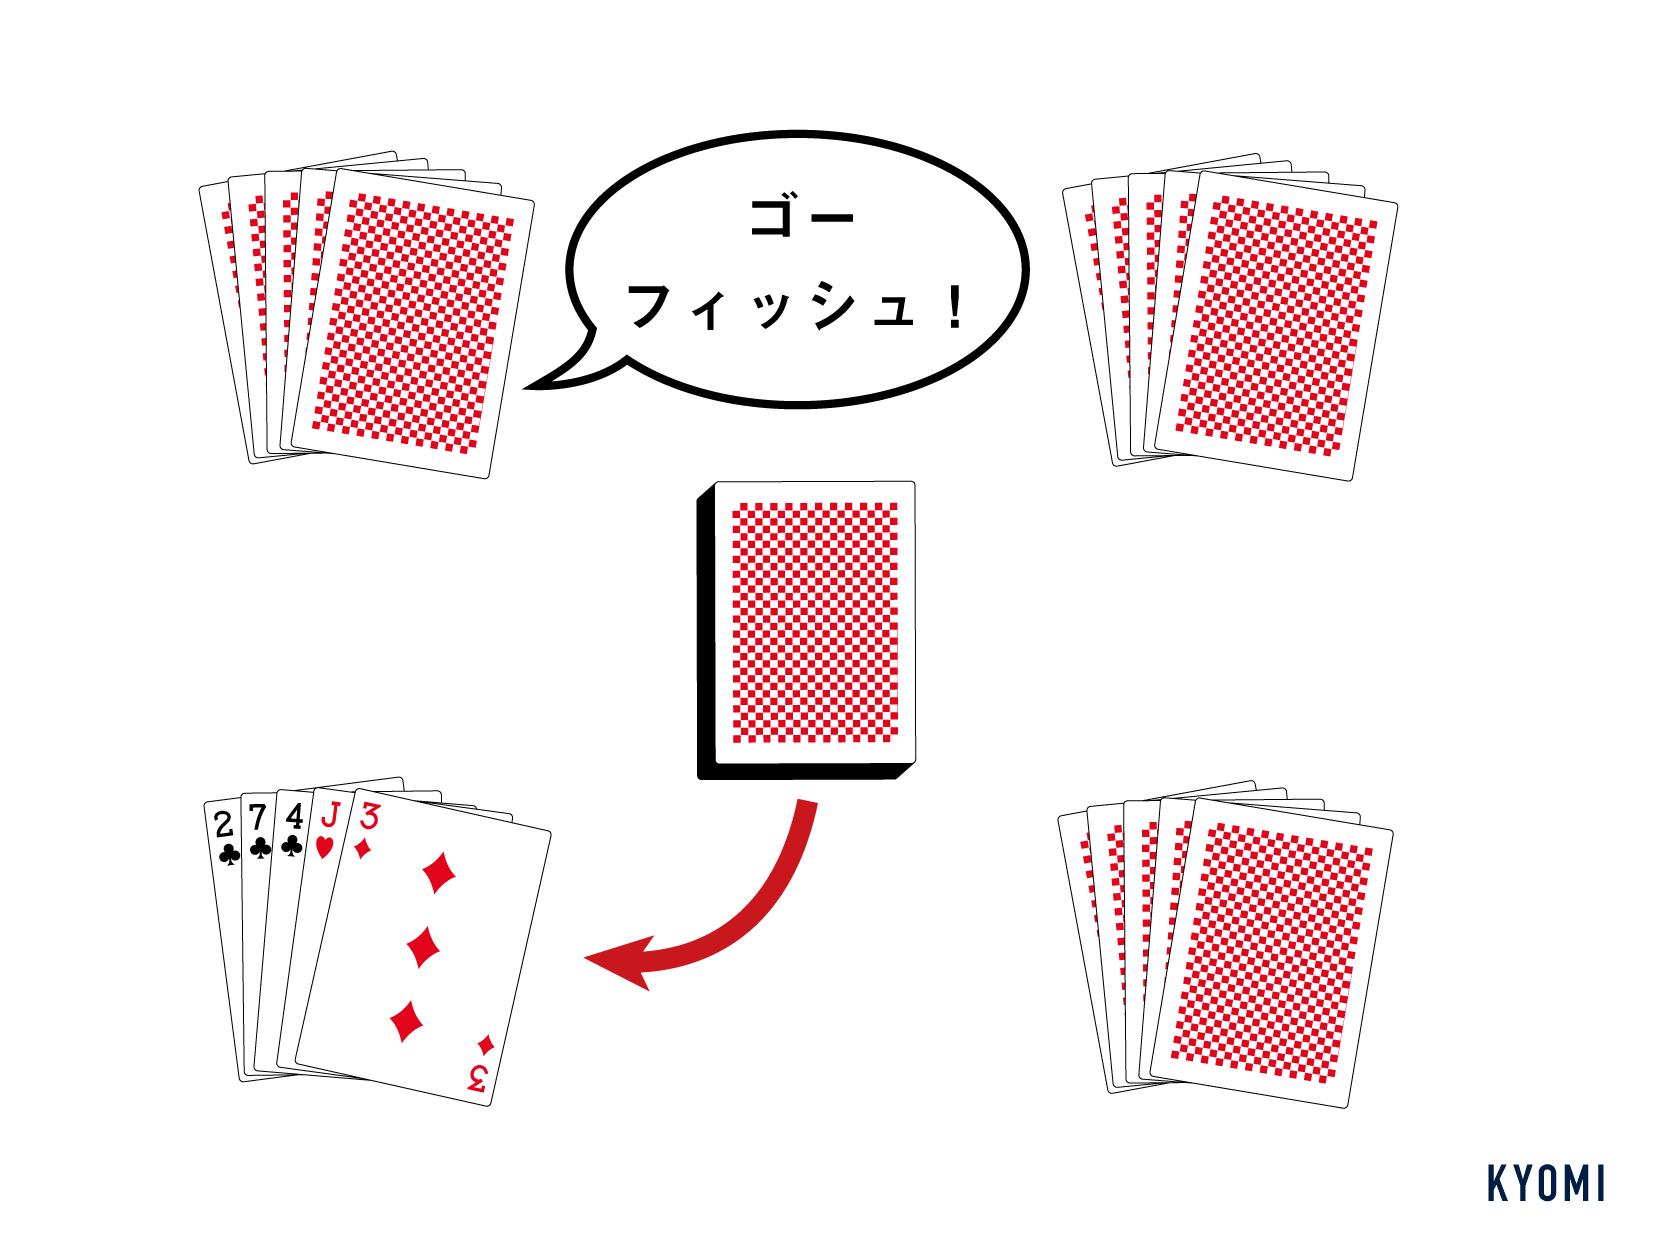 ゴーフィッシュ-図-ゴーフィッシュ